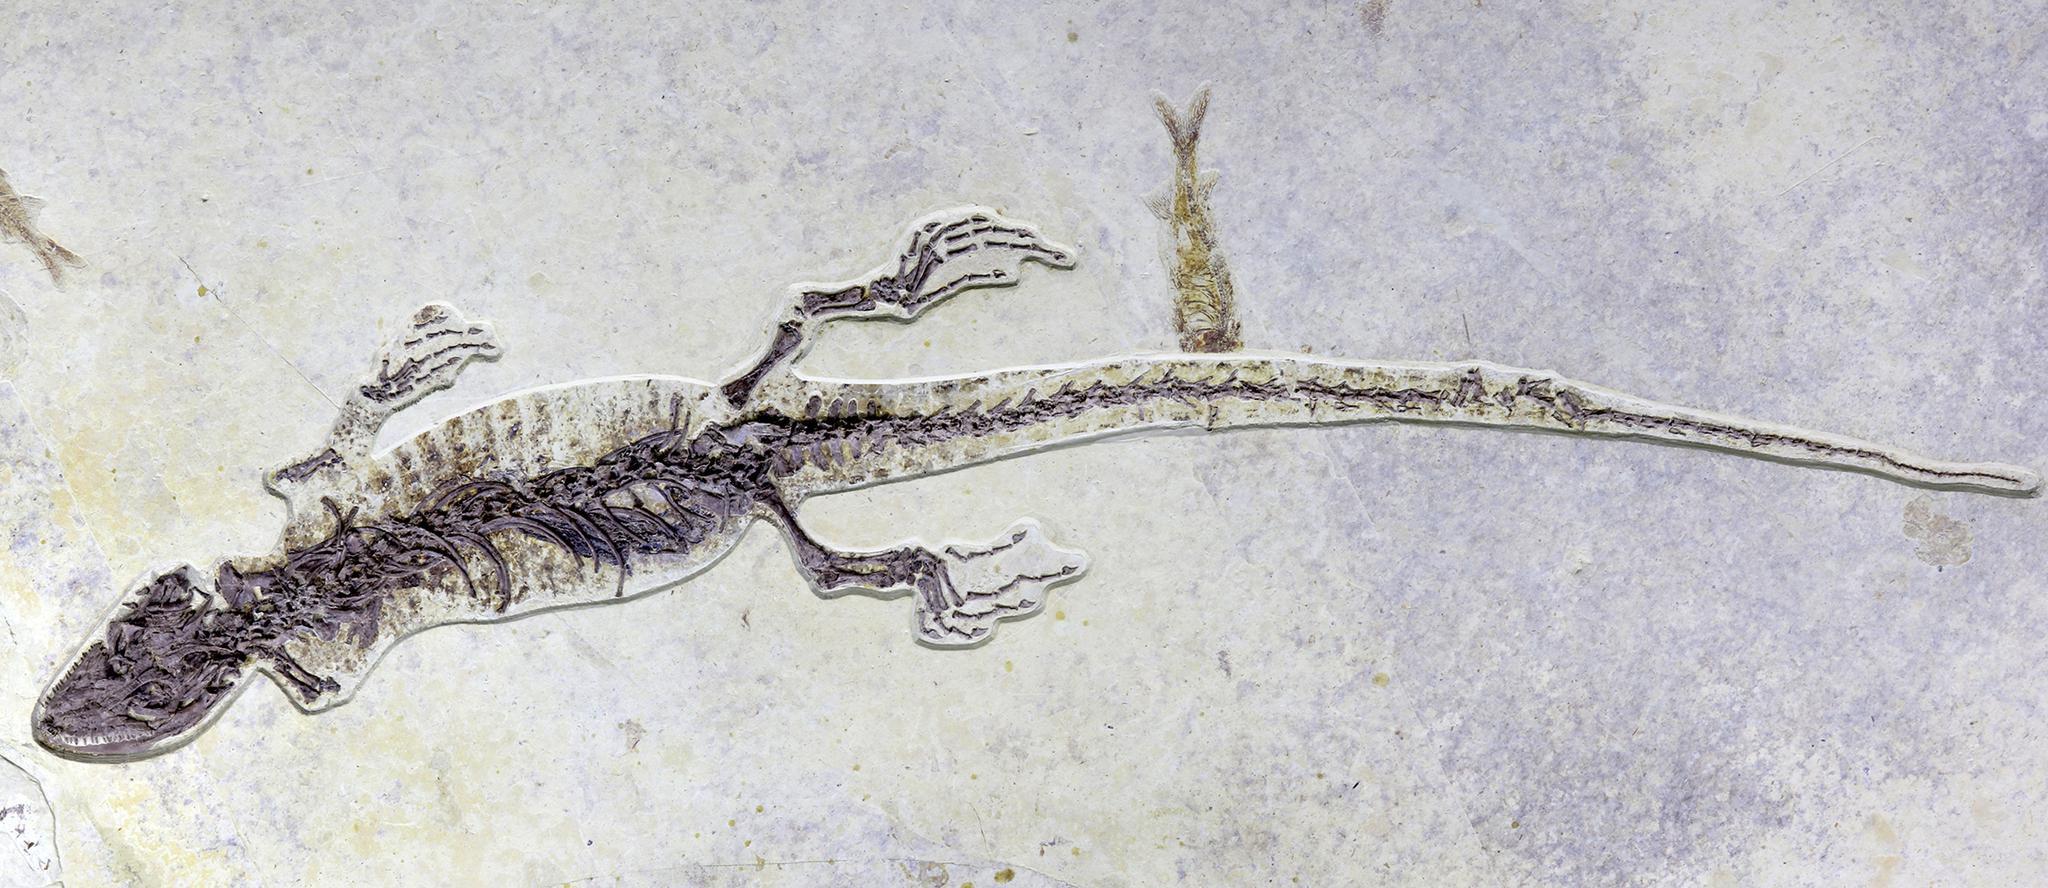 中外科研人员发现一亿年前含有胃容物的矢部龙标本